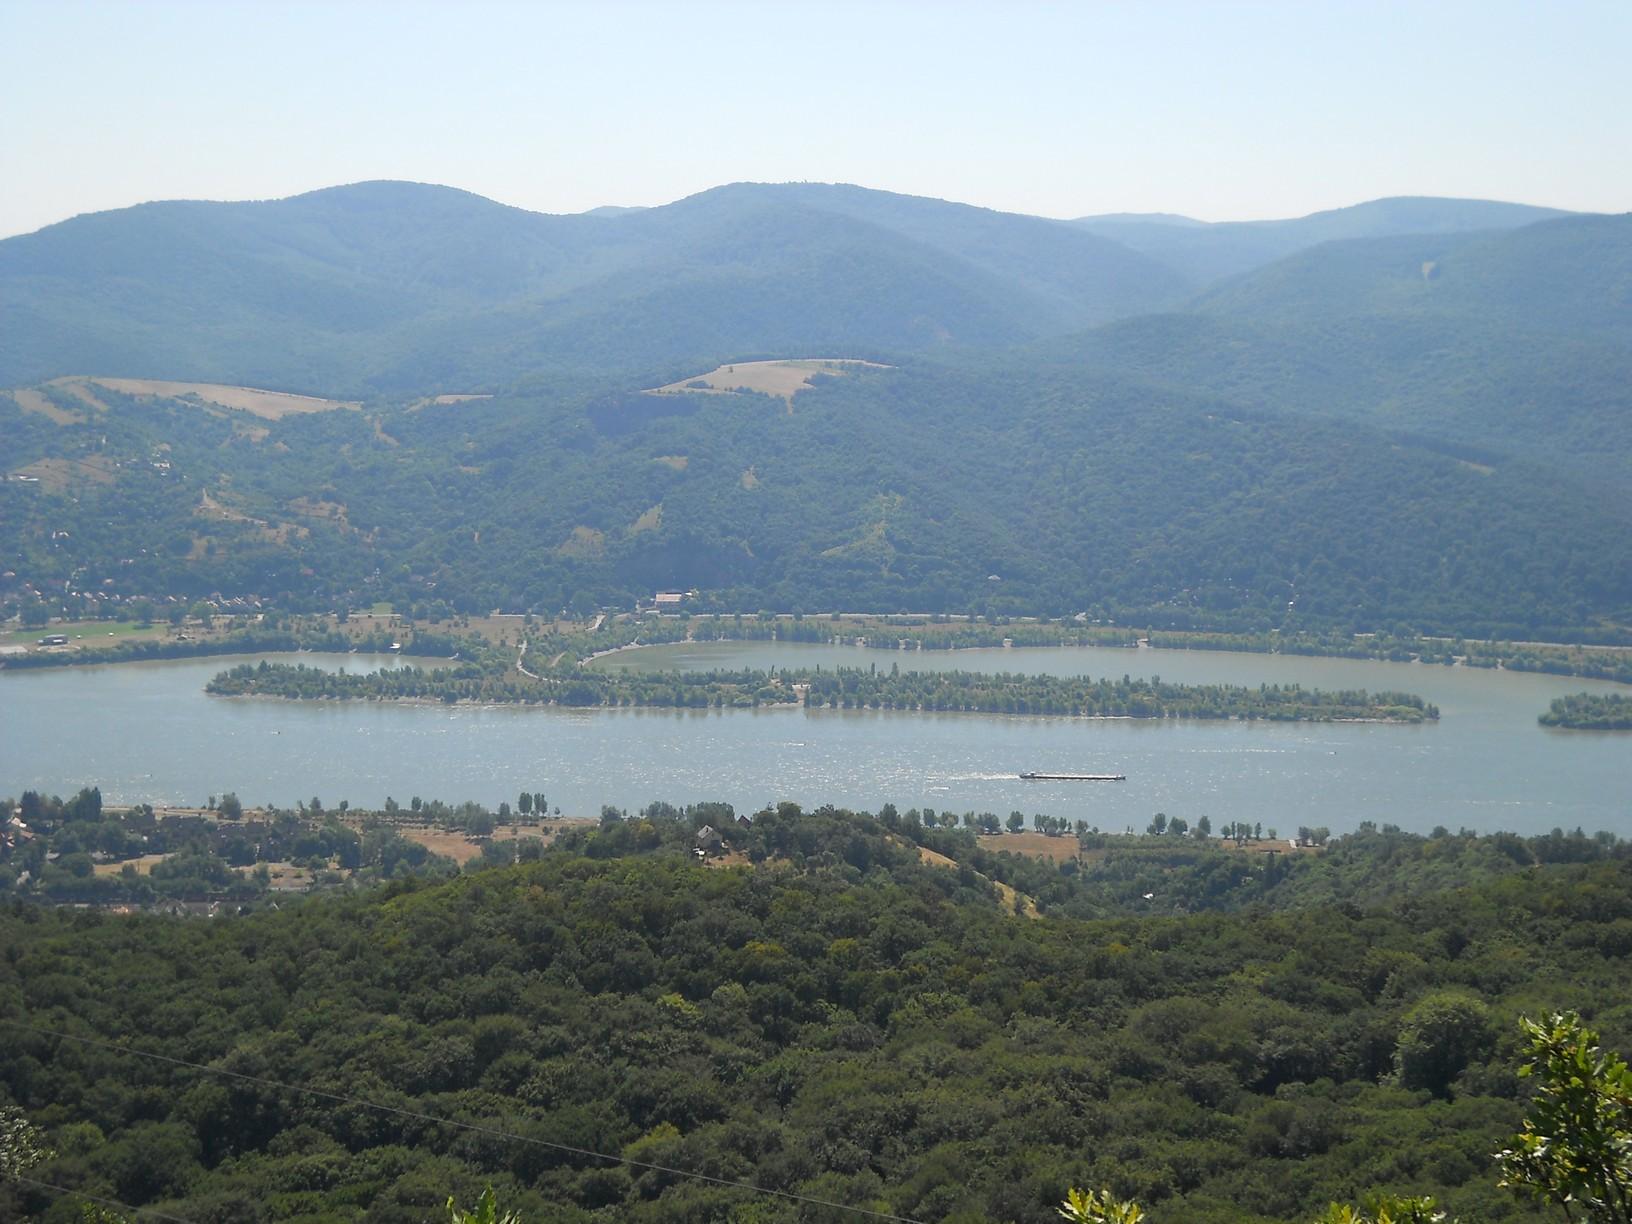 Kilátás a Julianus-toronyból: szemközt a Visegrádi-hegység csúcsai